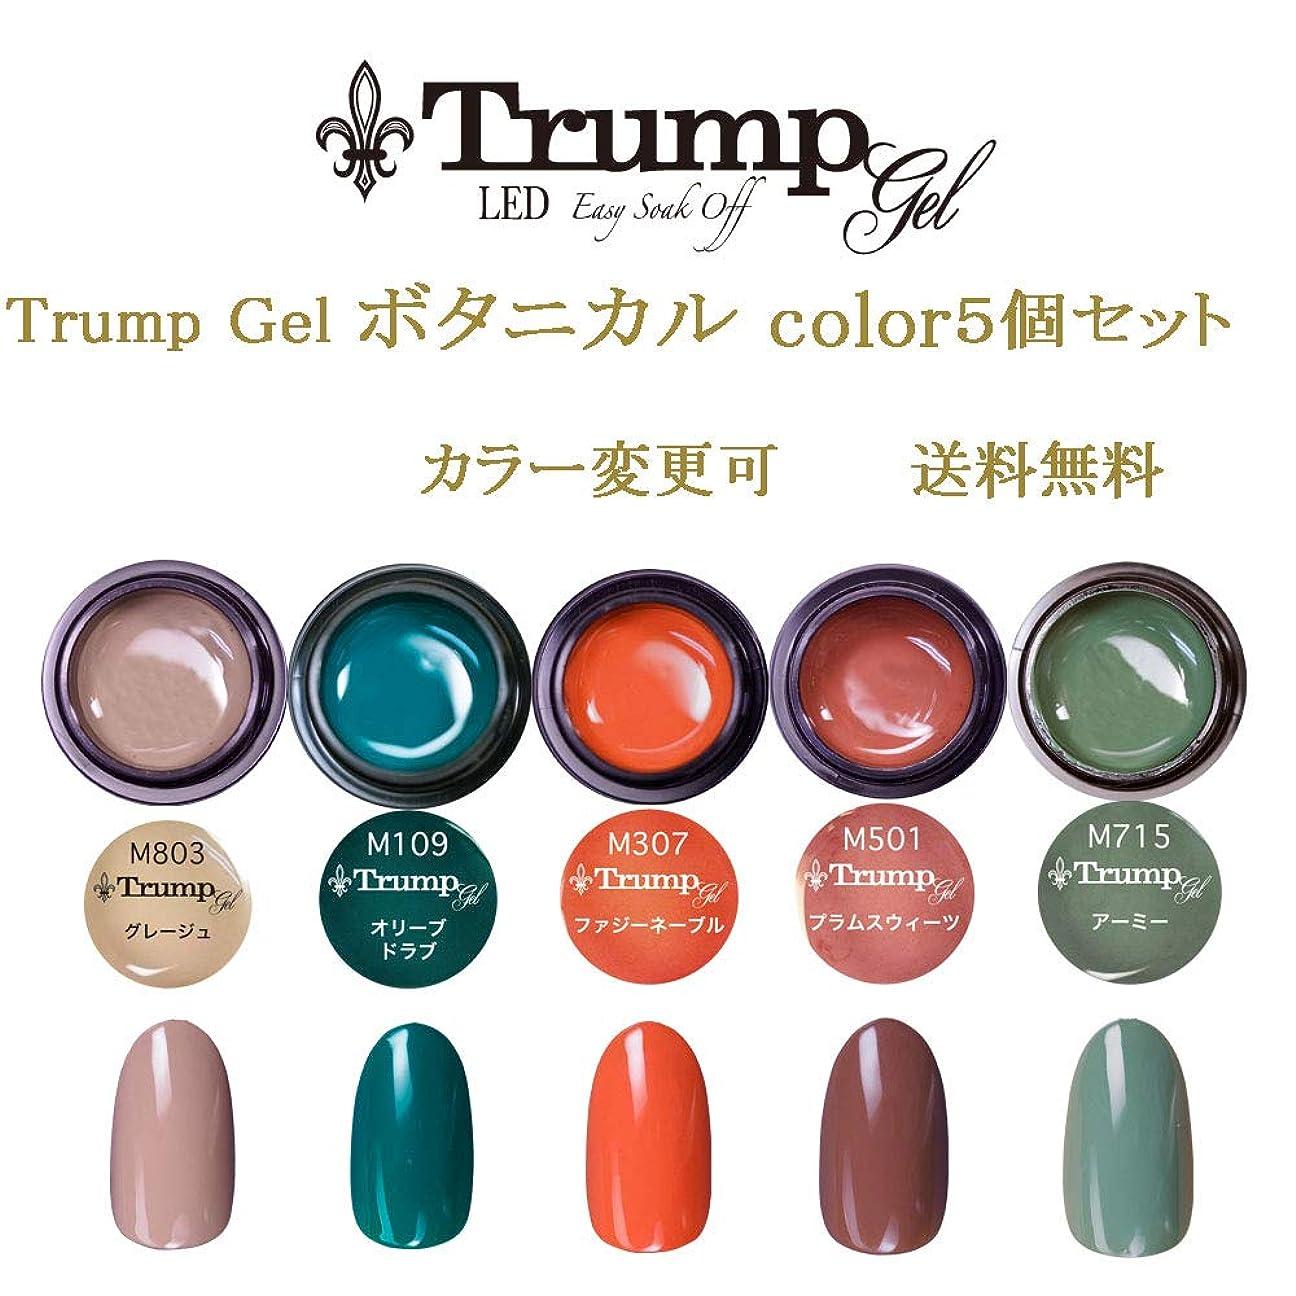 スロー傑作潜む日本製 Trump gel トランプジェル ボタニカルカラー 選べる カラージェル 5個セット カーキー ベージュ グリーン